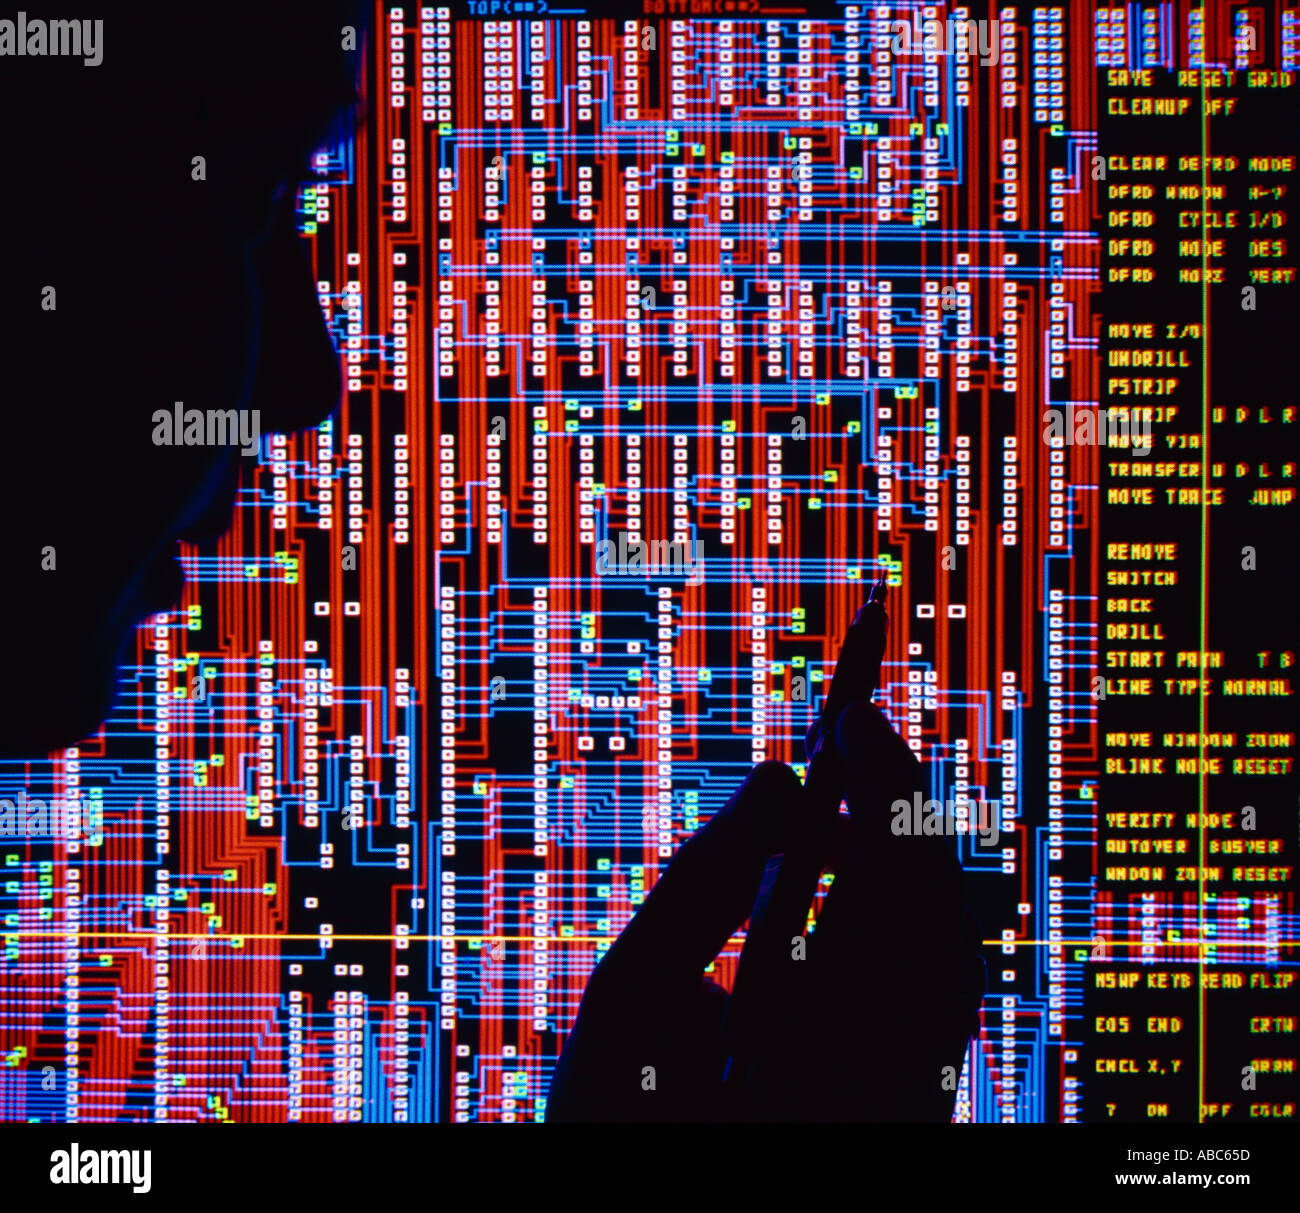 Hightech - Leiterplatten-Design-Computer-Bildschirm, Silhouette der Konstrukteur / Silicon Valley, Kalifornien, Stockbild